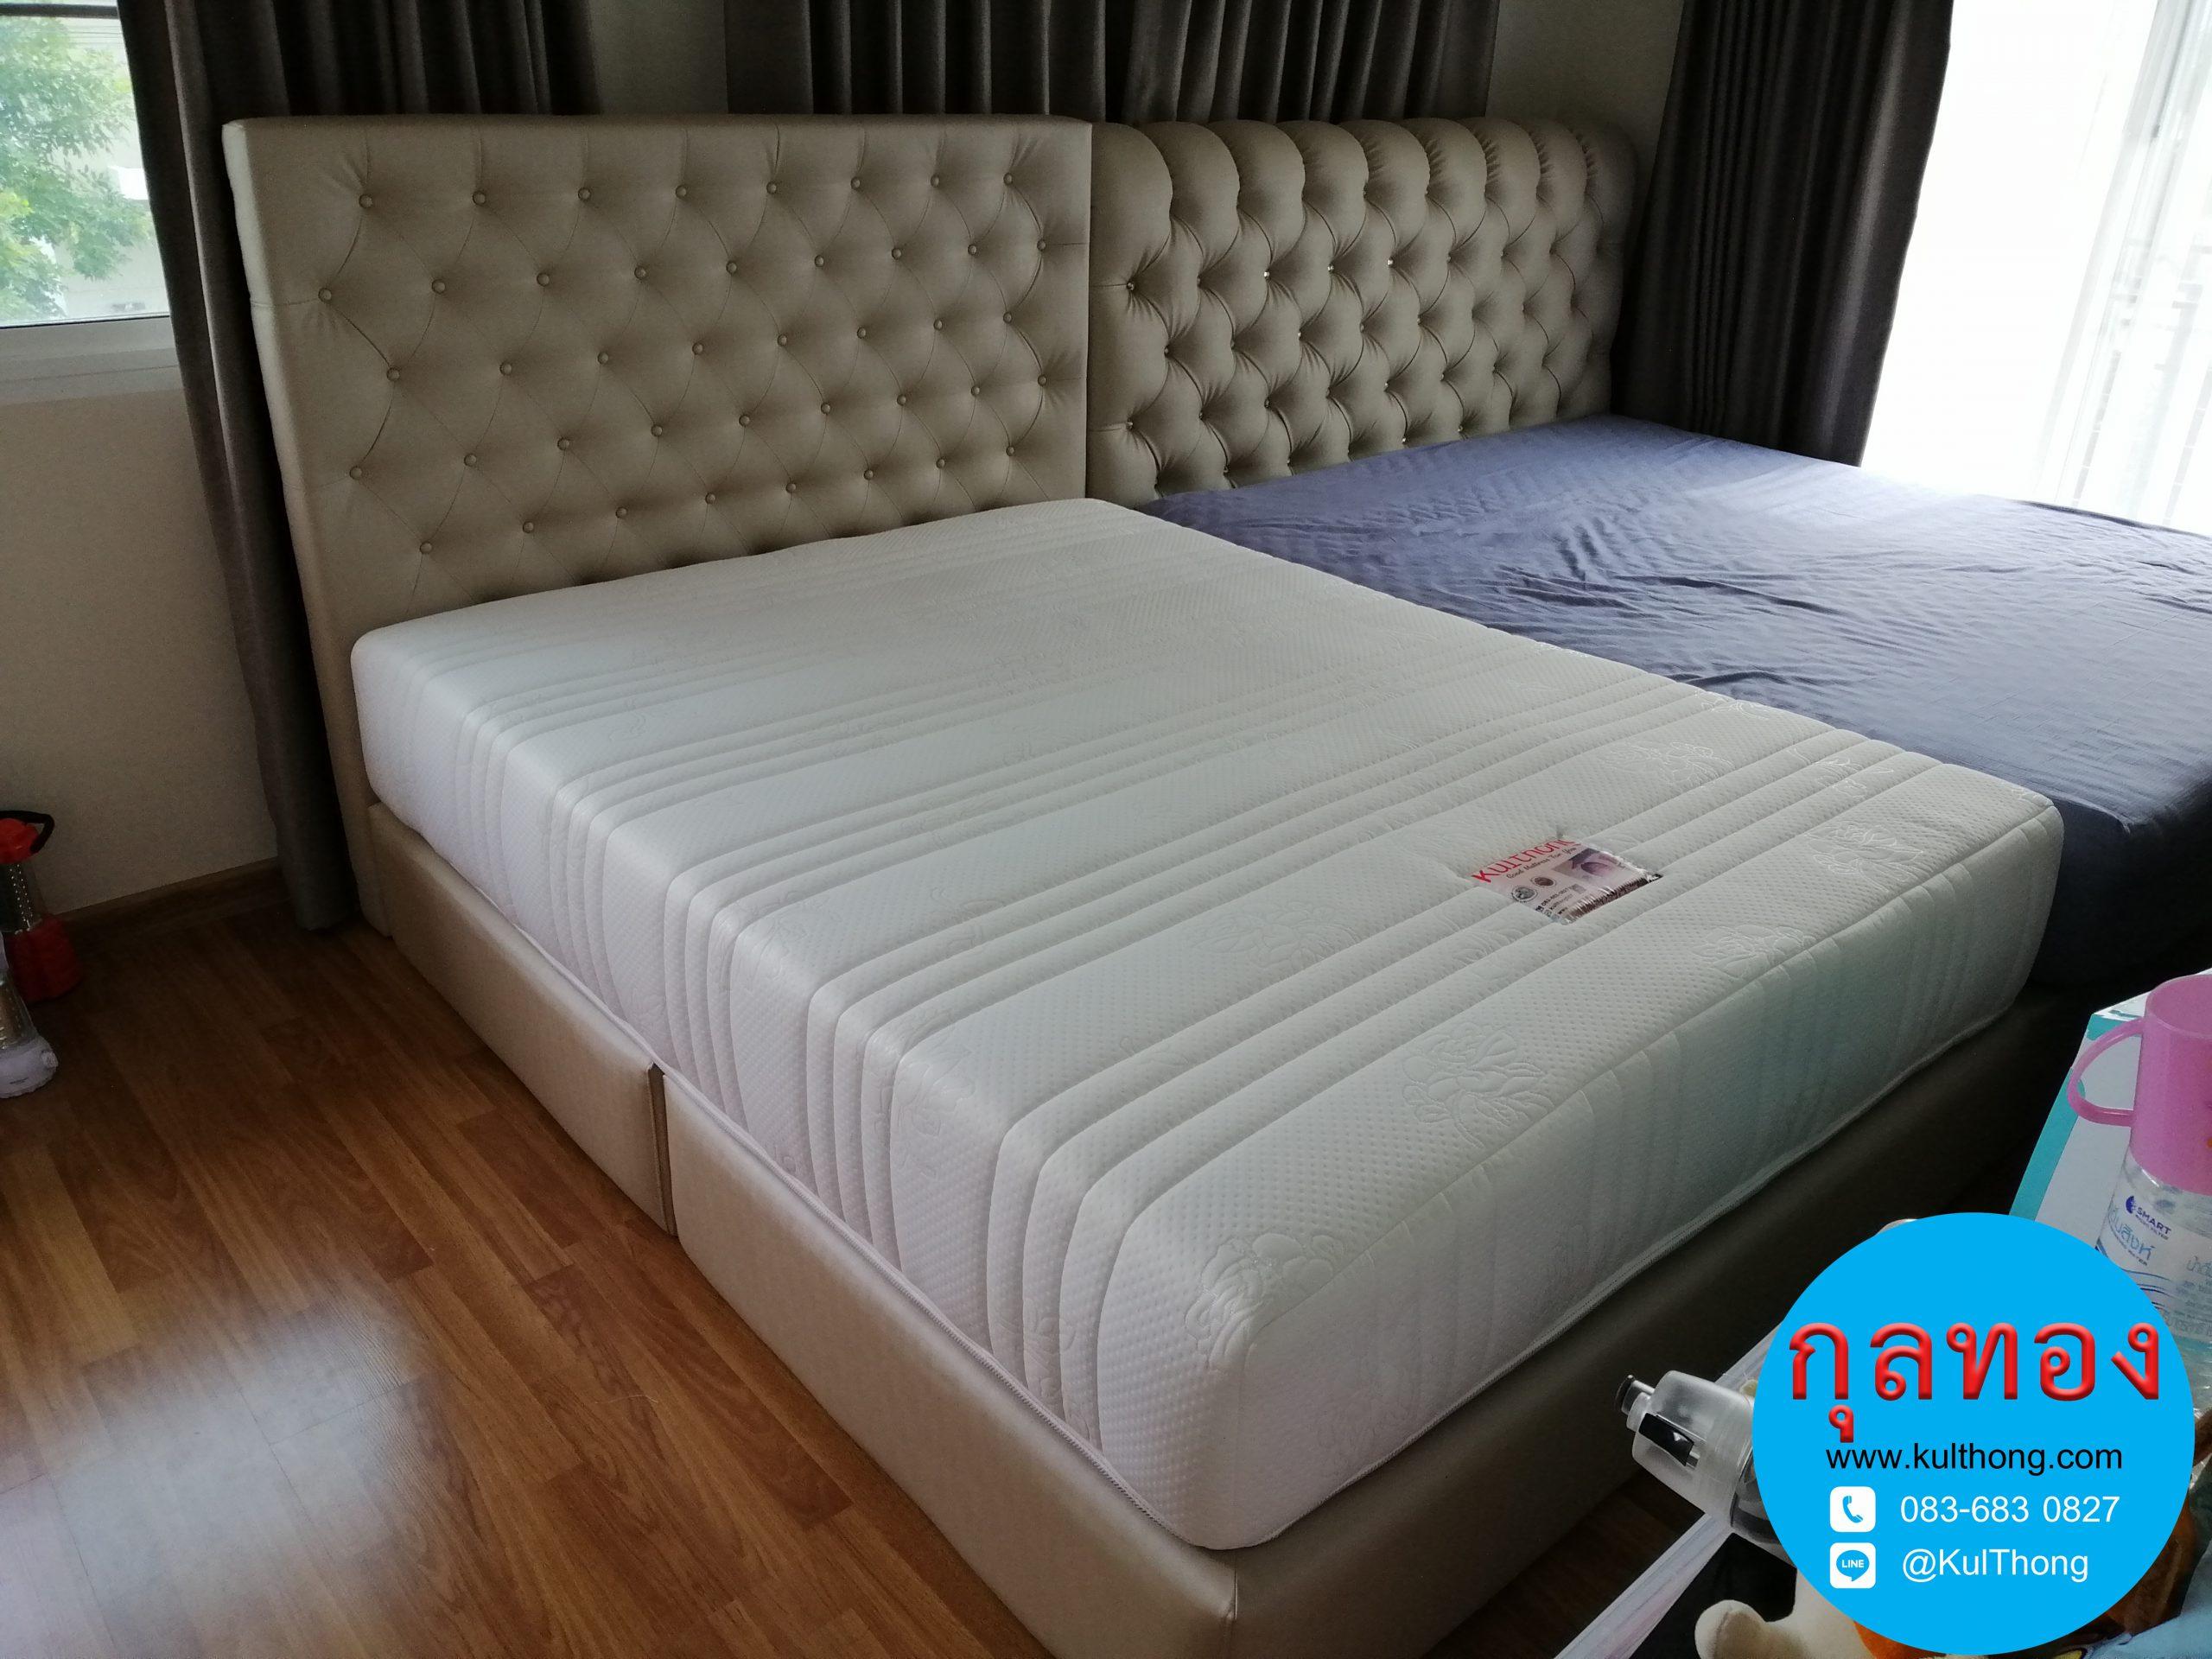 เตียงดึงกระดุม เตียงหัวบุนวม เตียงหุ้มหนัง ฐานรองที่นอน เตียงเก็บของ เตียงสั่งทำ